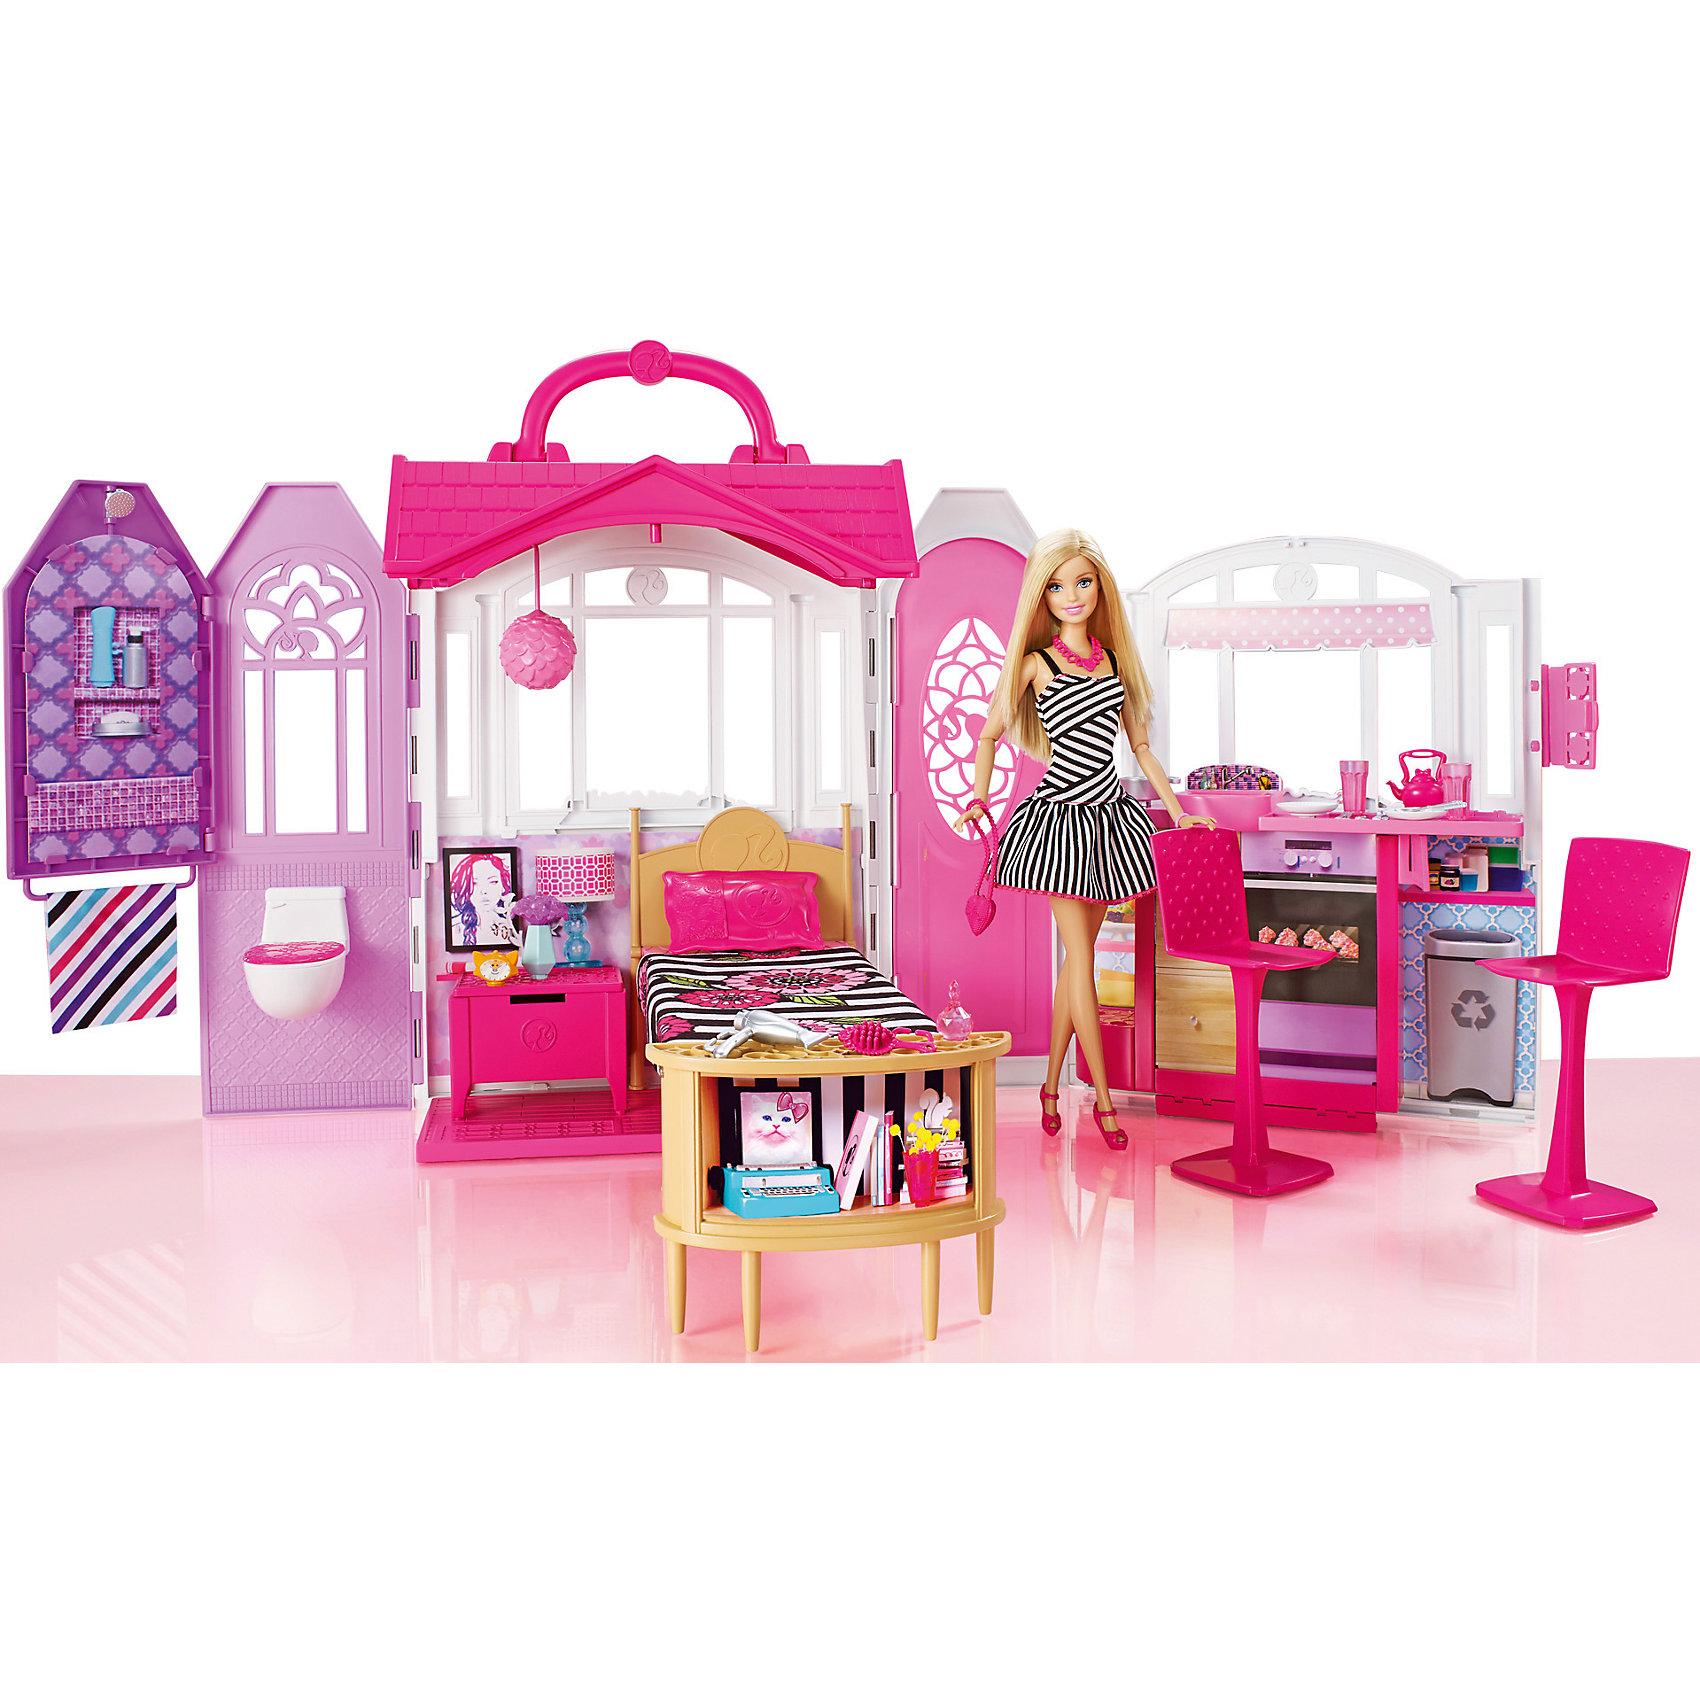 Переносной домик с куклой, Barbie